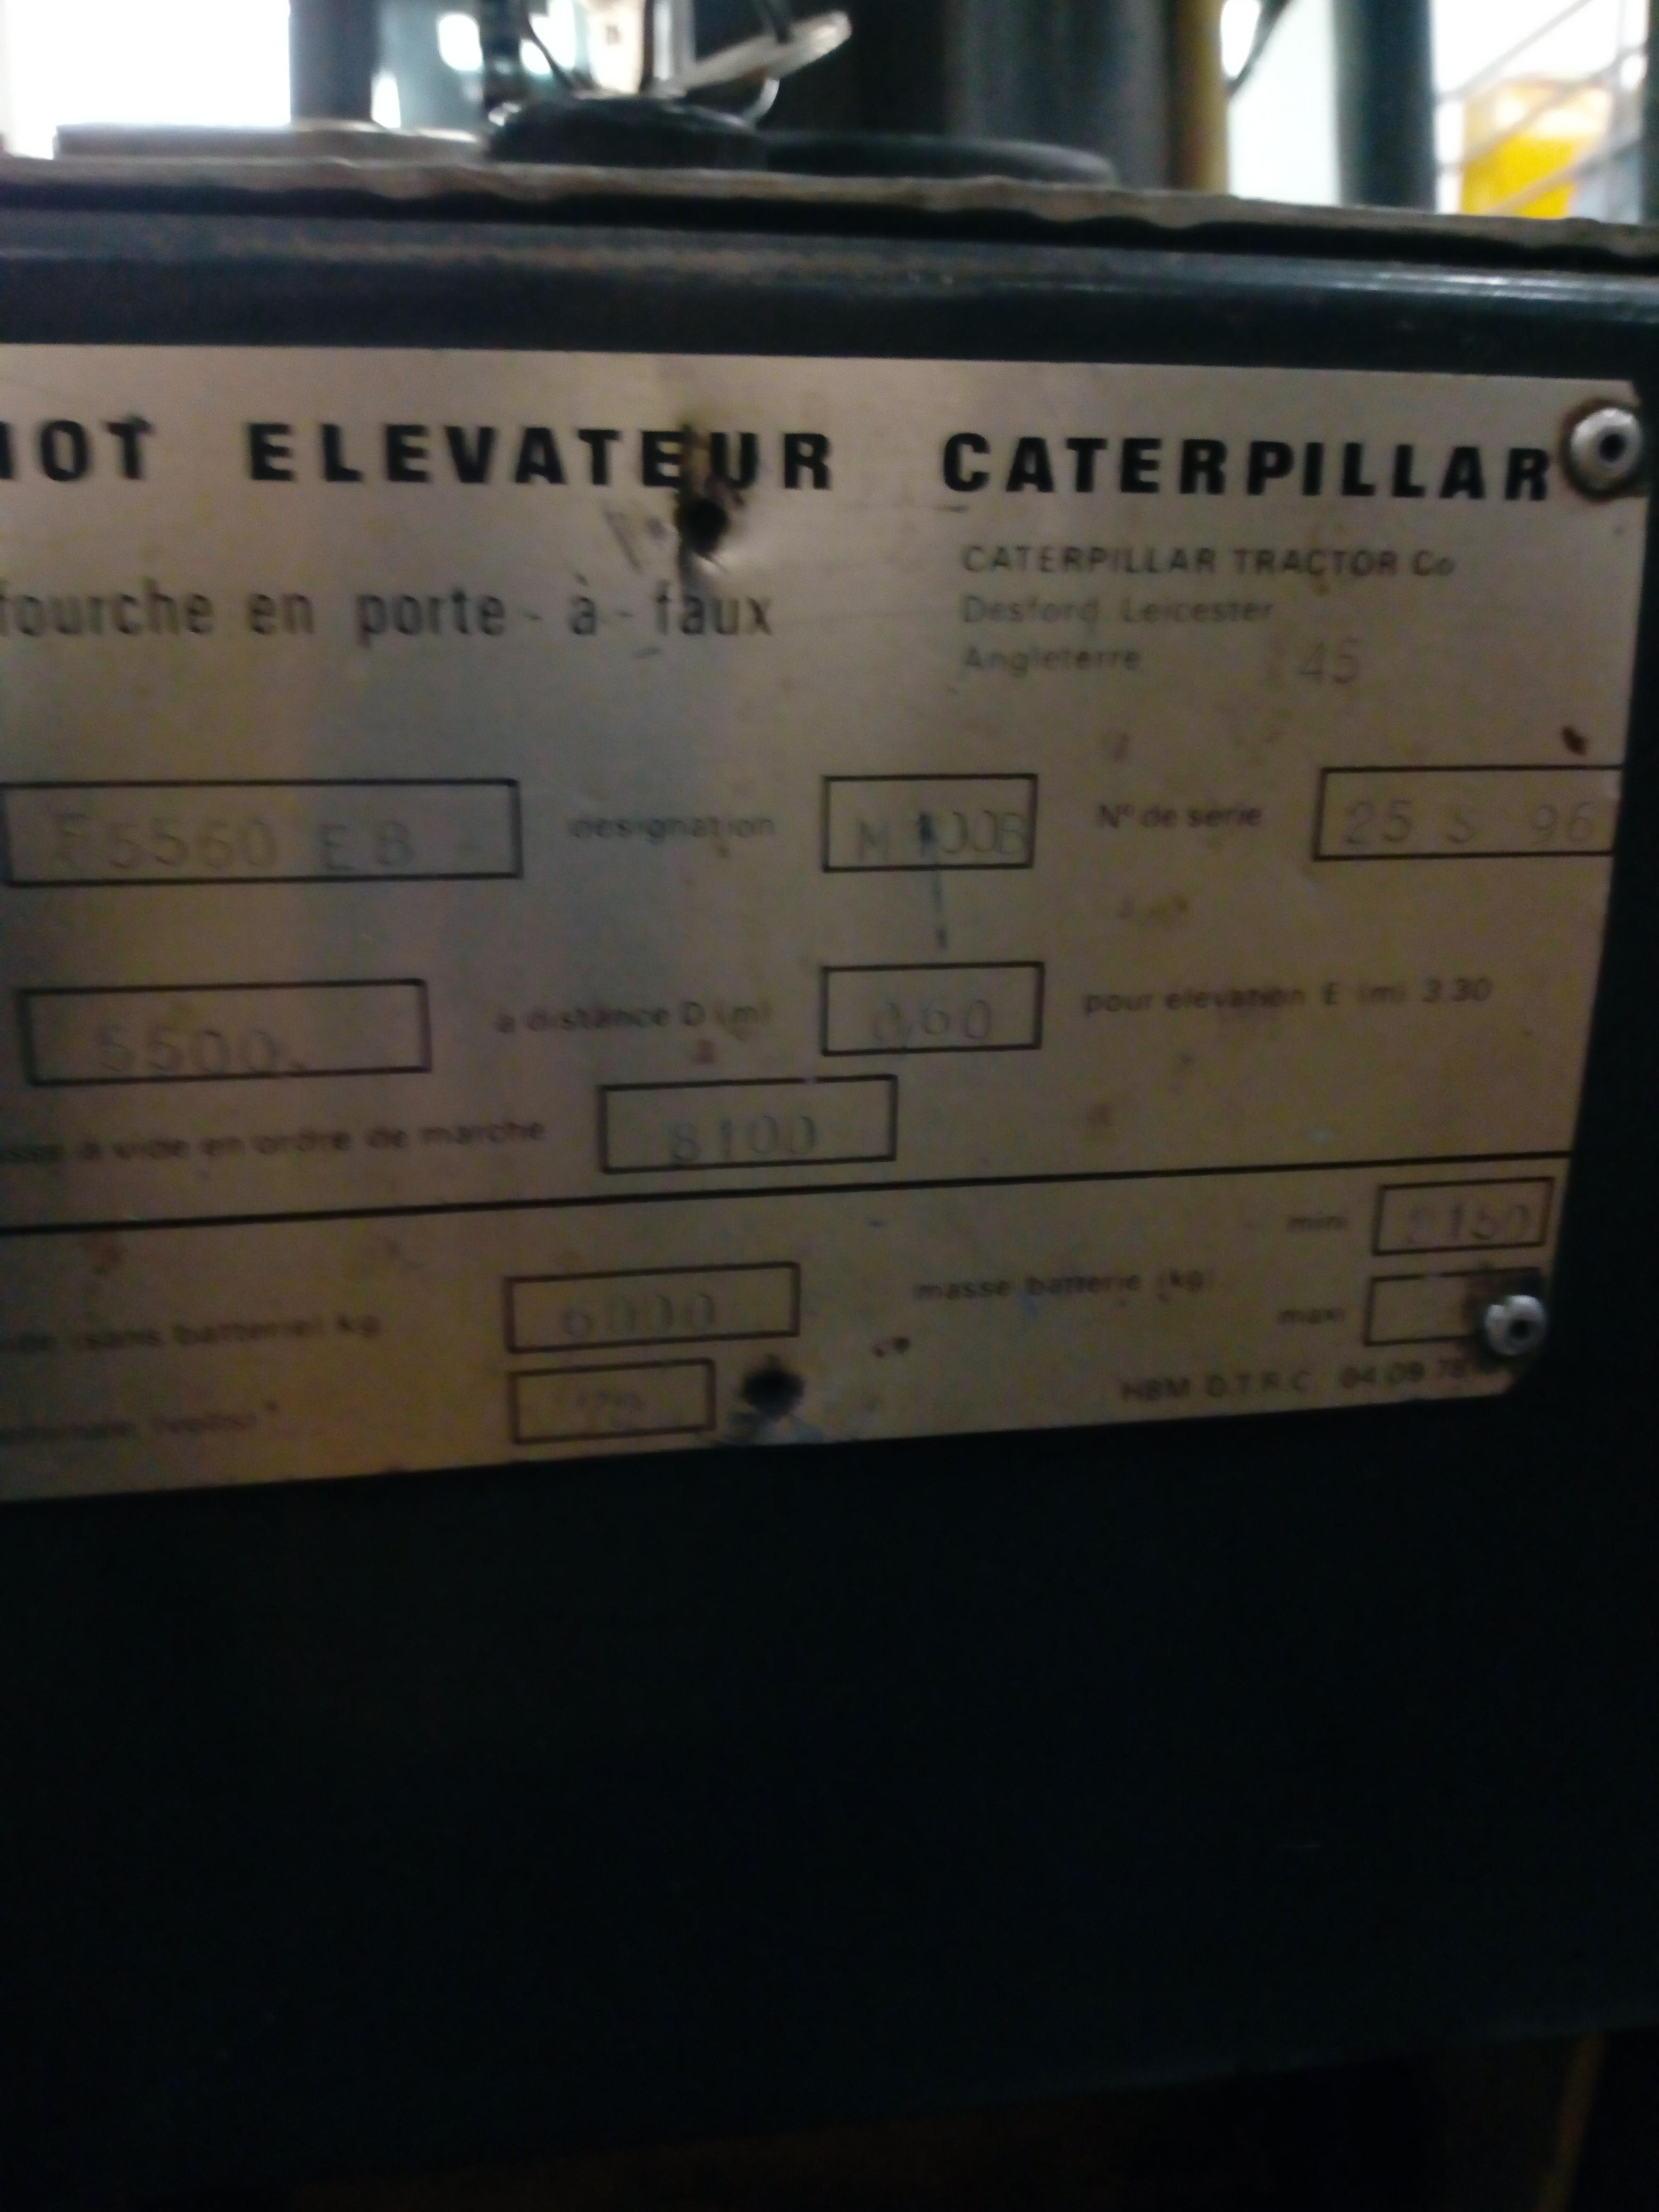 Carrello elevatore elettrico a 4 ruote CATERPILLAR F5560EB